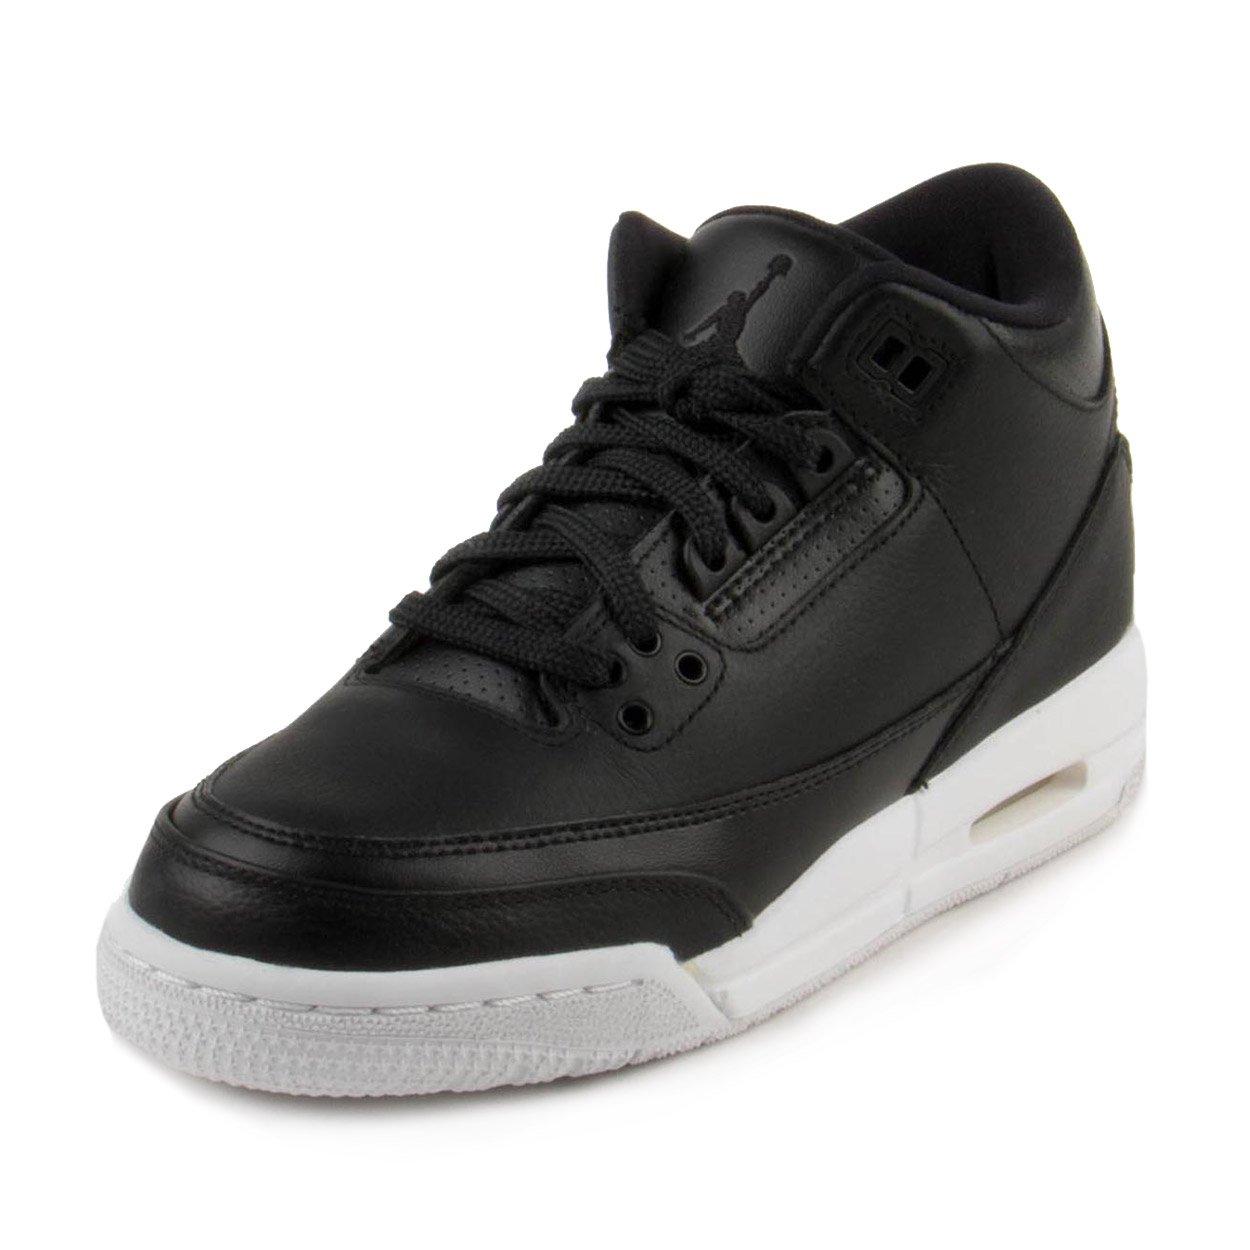 NIKE Air Jordan 3 Retro Bg Boys Basketball Shoes (7Y, Black/Black/White)